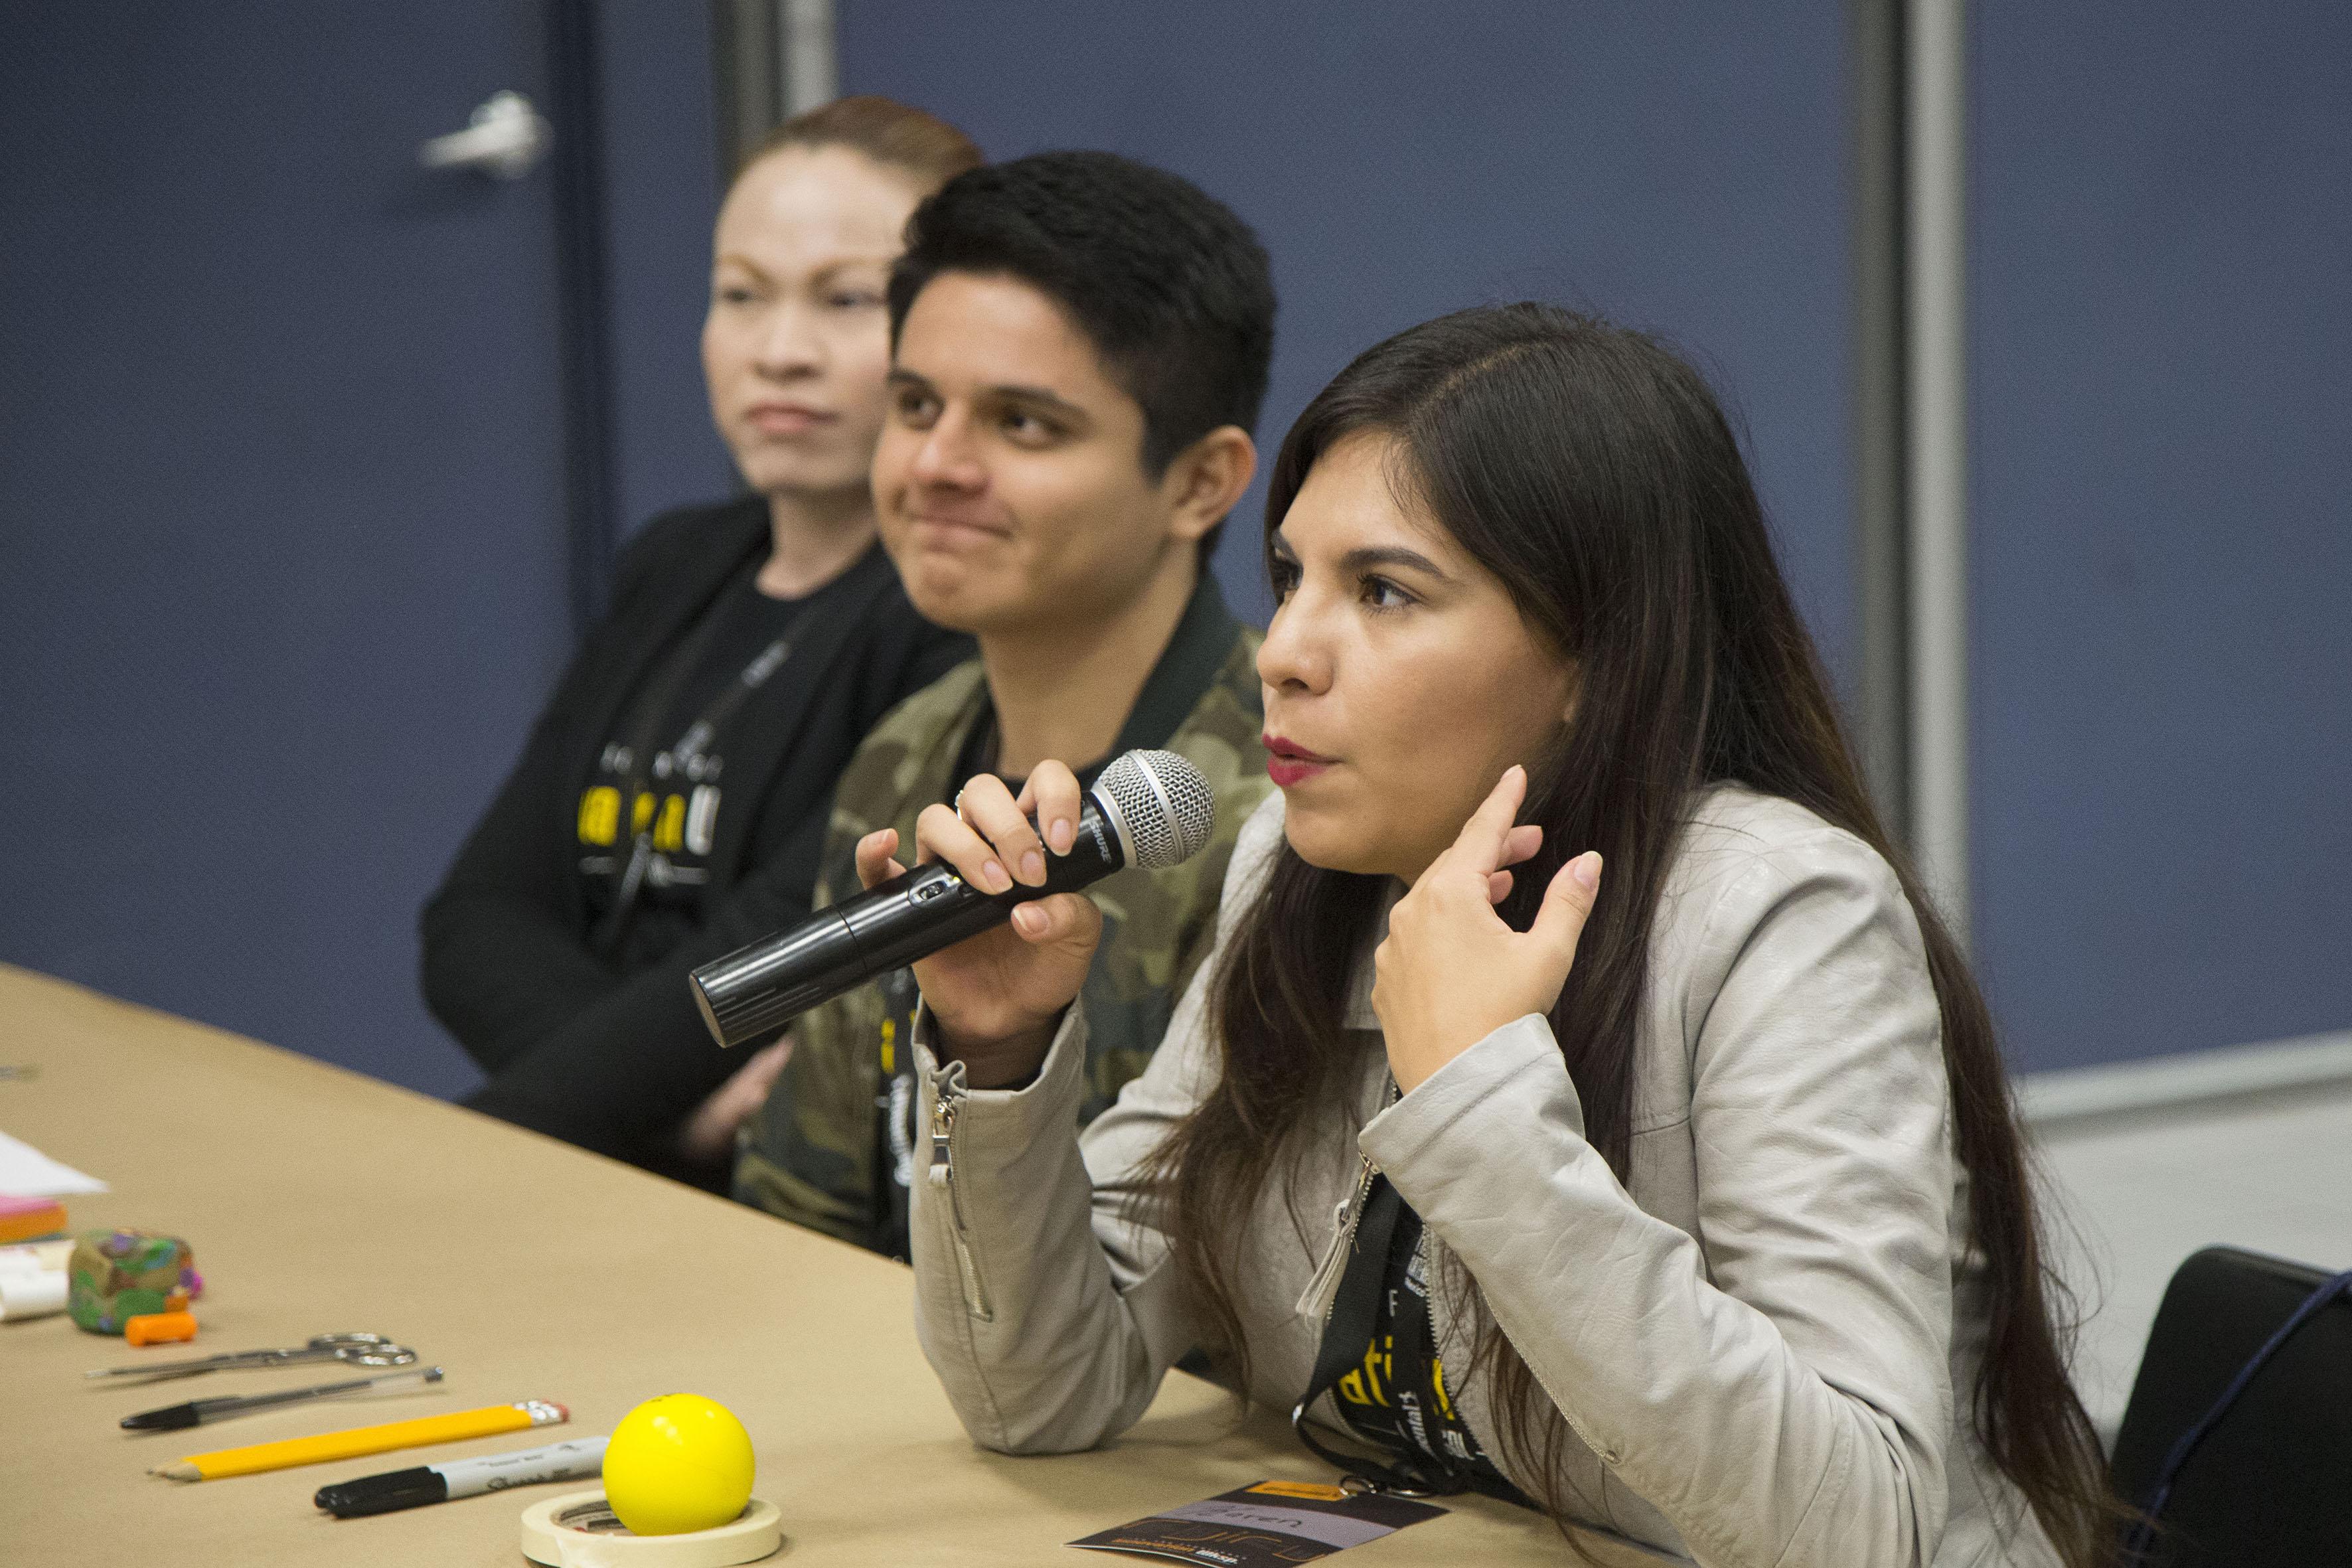 Asistente haciendo uso de la palabra en la inauguración del Innovation Workshop en el núcleo de auditorios del CUCEA